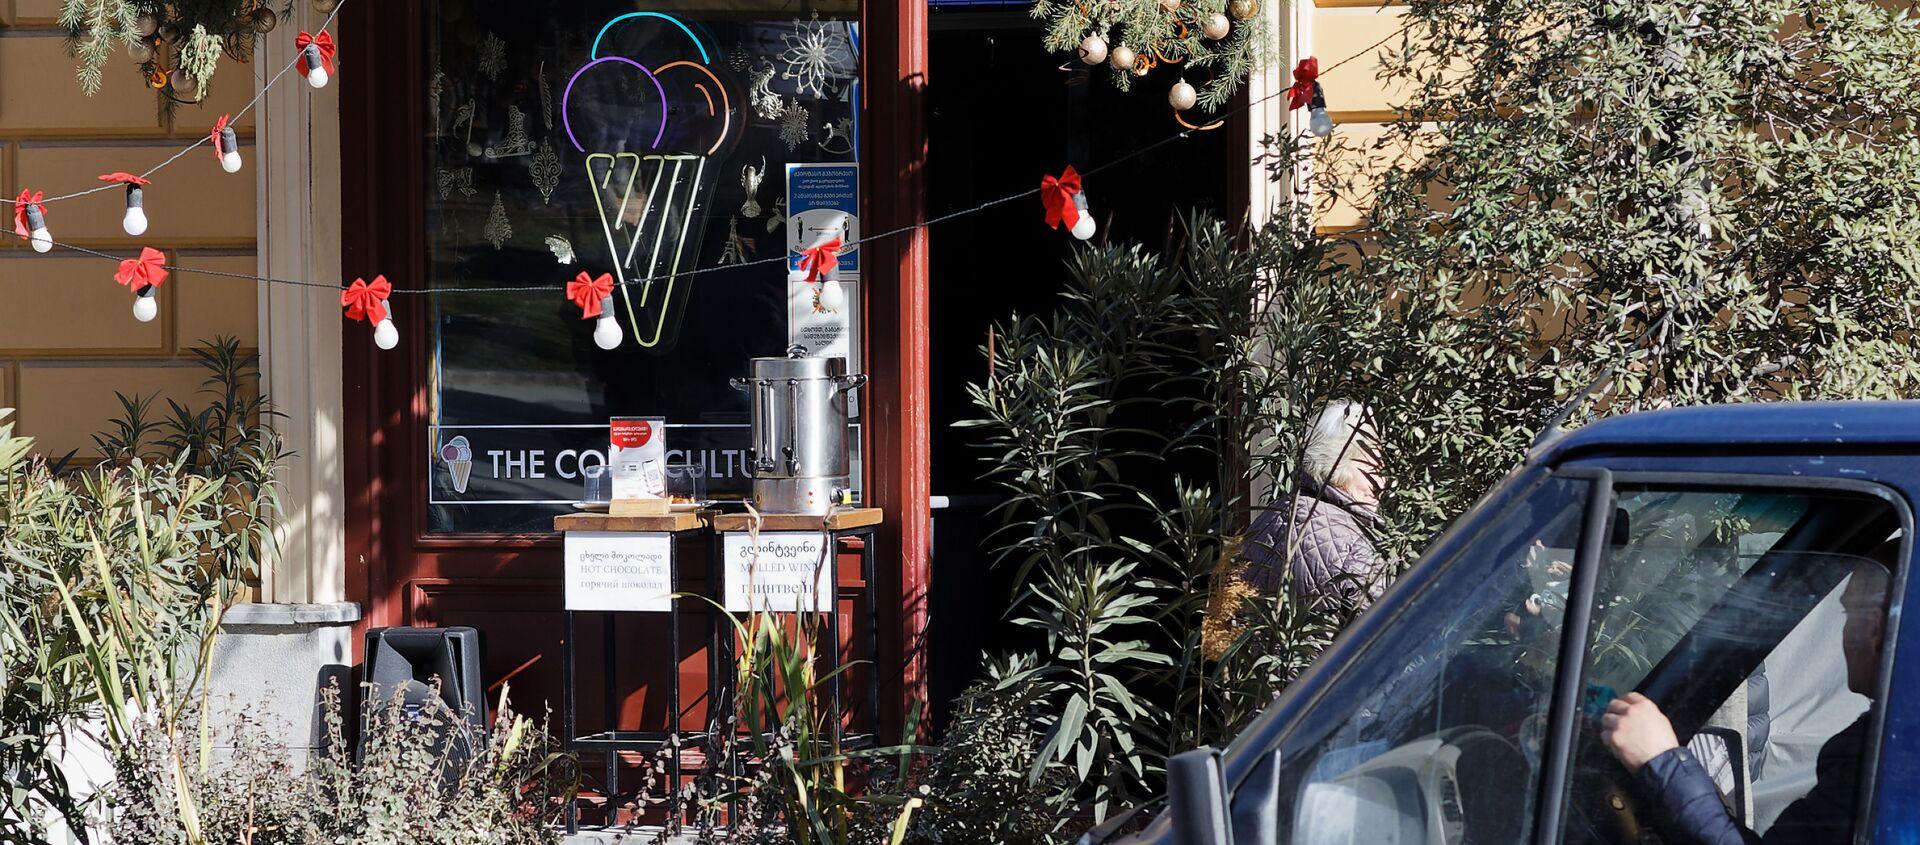 Кафе, бары и рестораны - еда и торговля на вынос - Sputnik Грузия, 1920, 04.03.2021